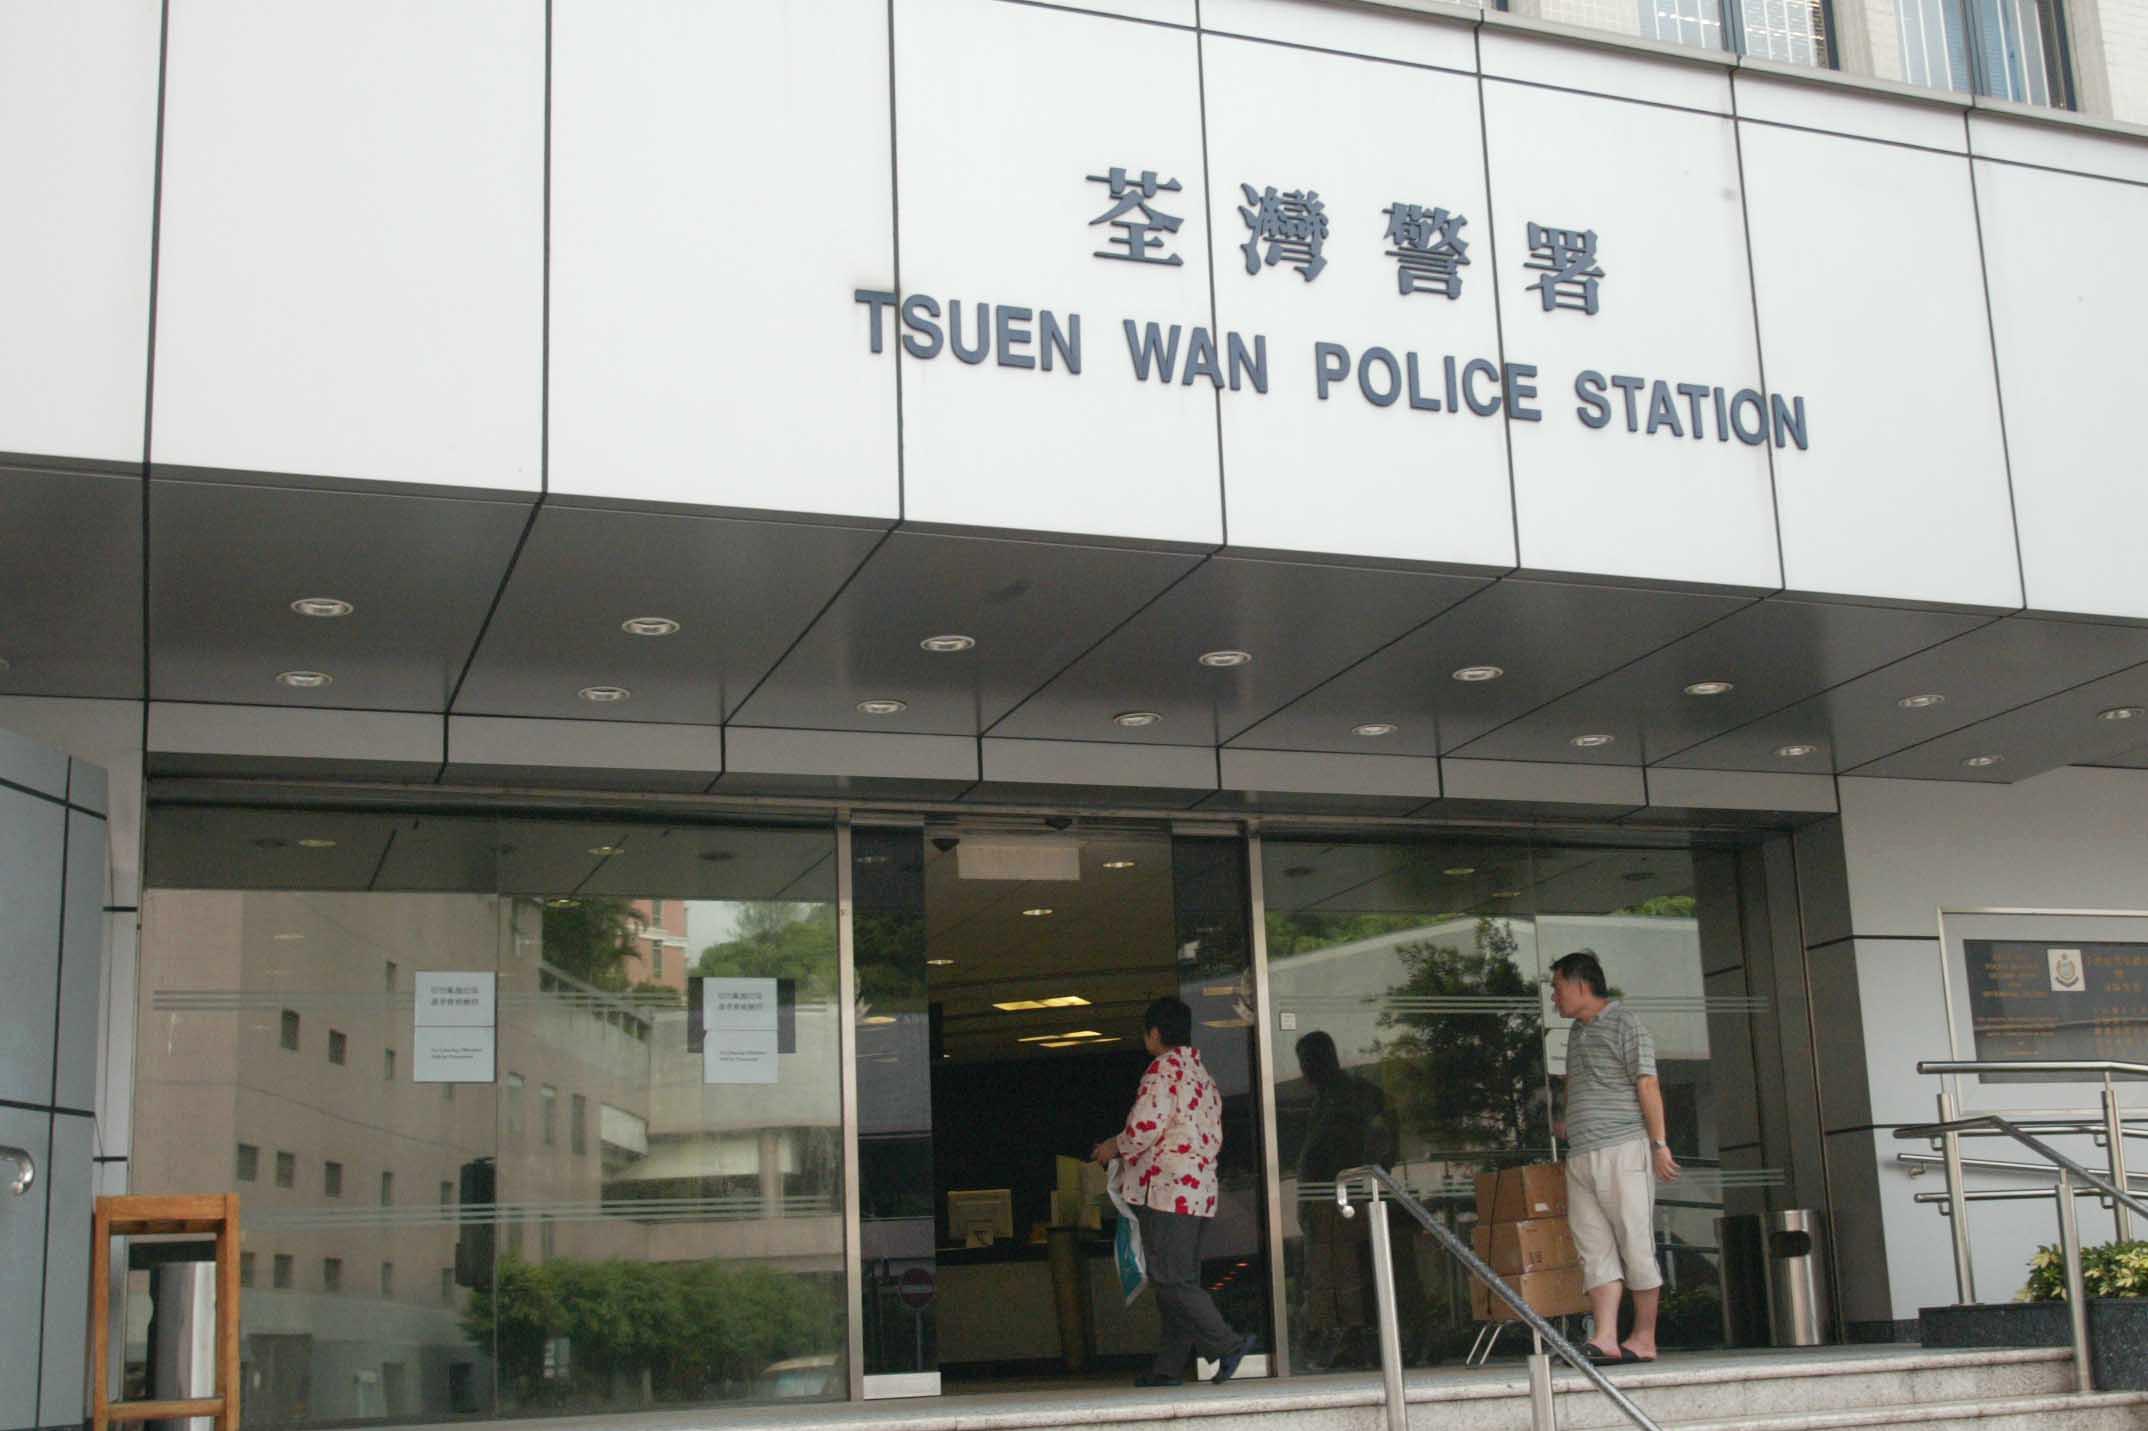 警方在荃灣展開掃黃行動,突擊搜查多個單位,行動拘捕3名女子。 資料圖片